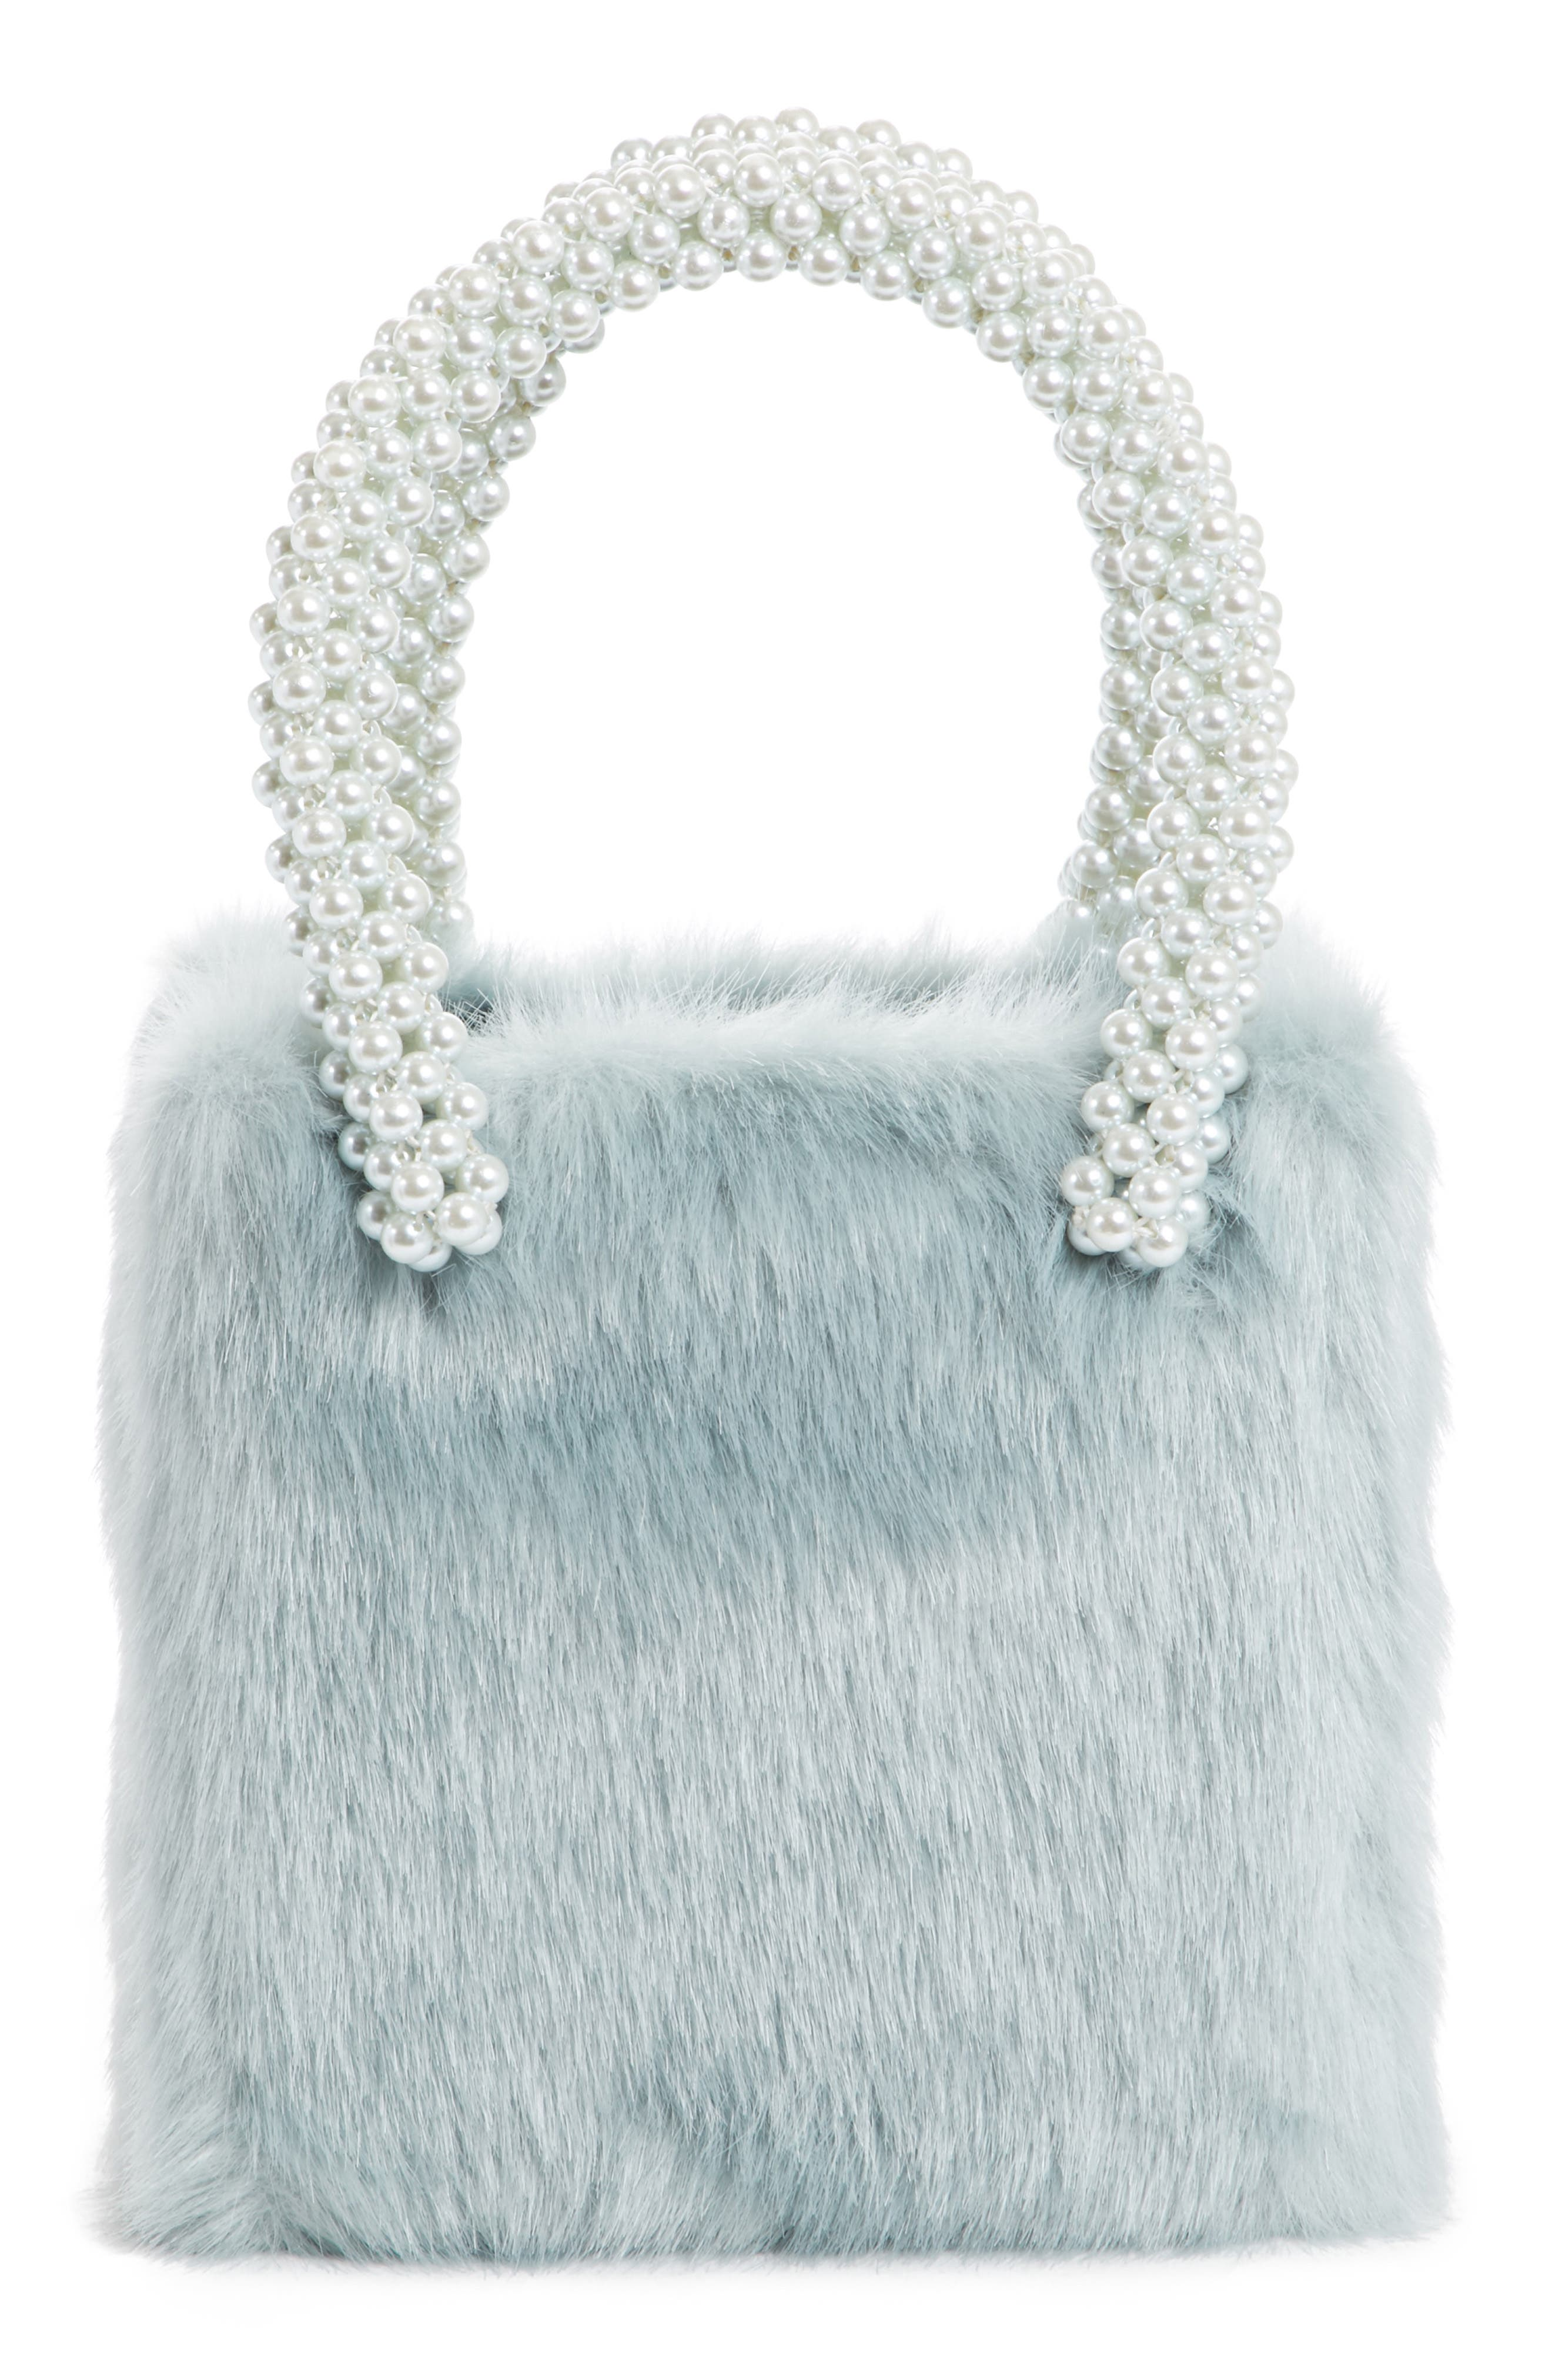 Una Check Faux Fur Bag with Imitation Pearl Handles,                             Main thumbnail 1, color,                             440